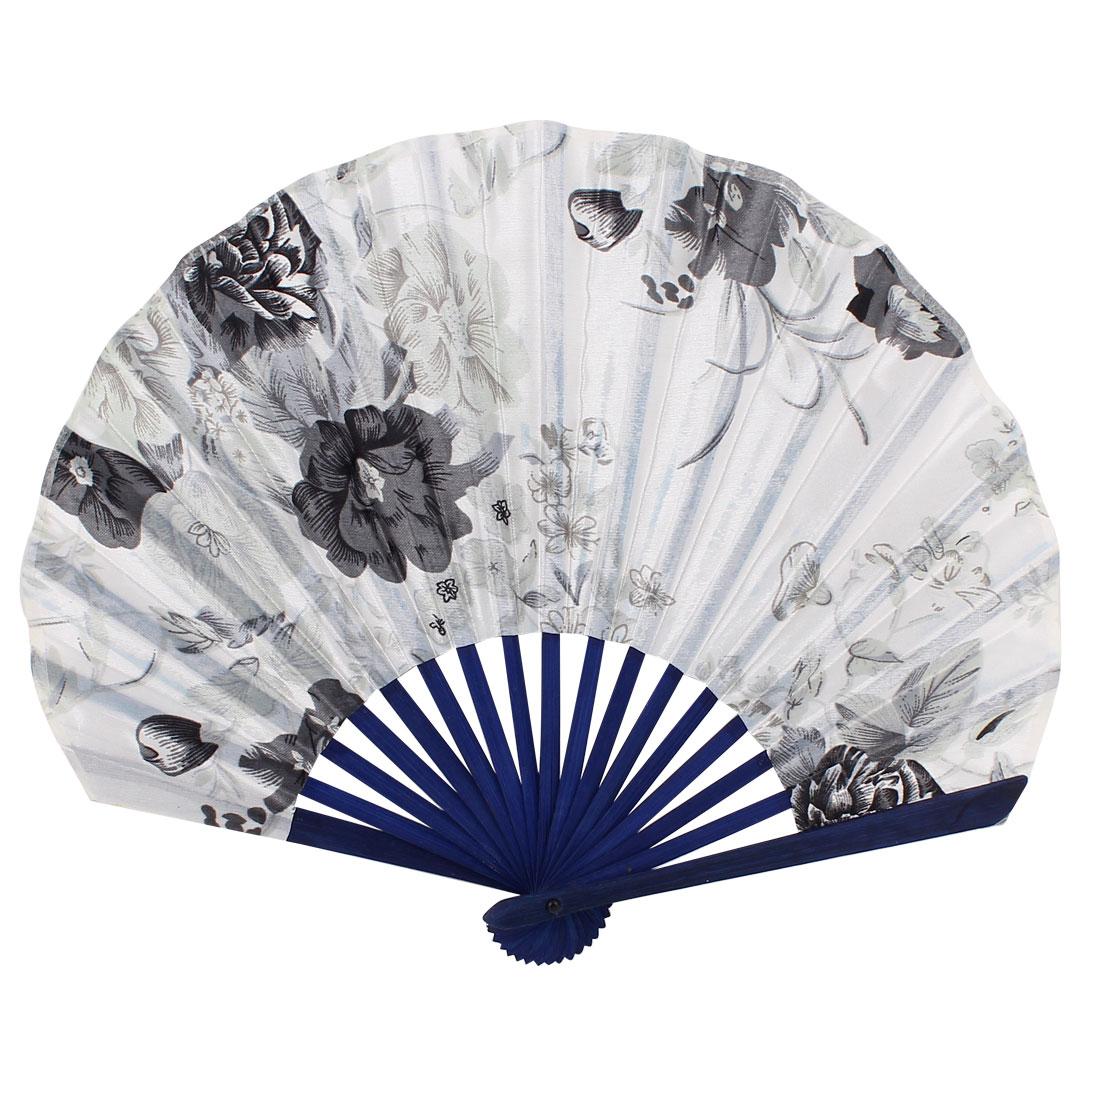 Seashell Style Flower Pattern Wedding Party Folding Hand Fan White